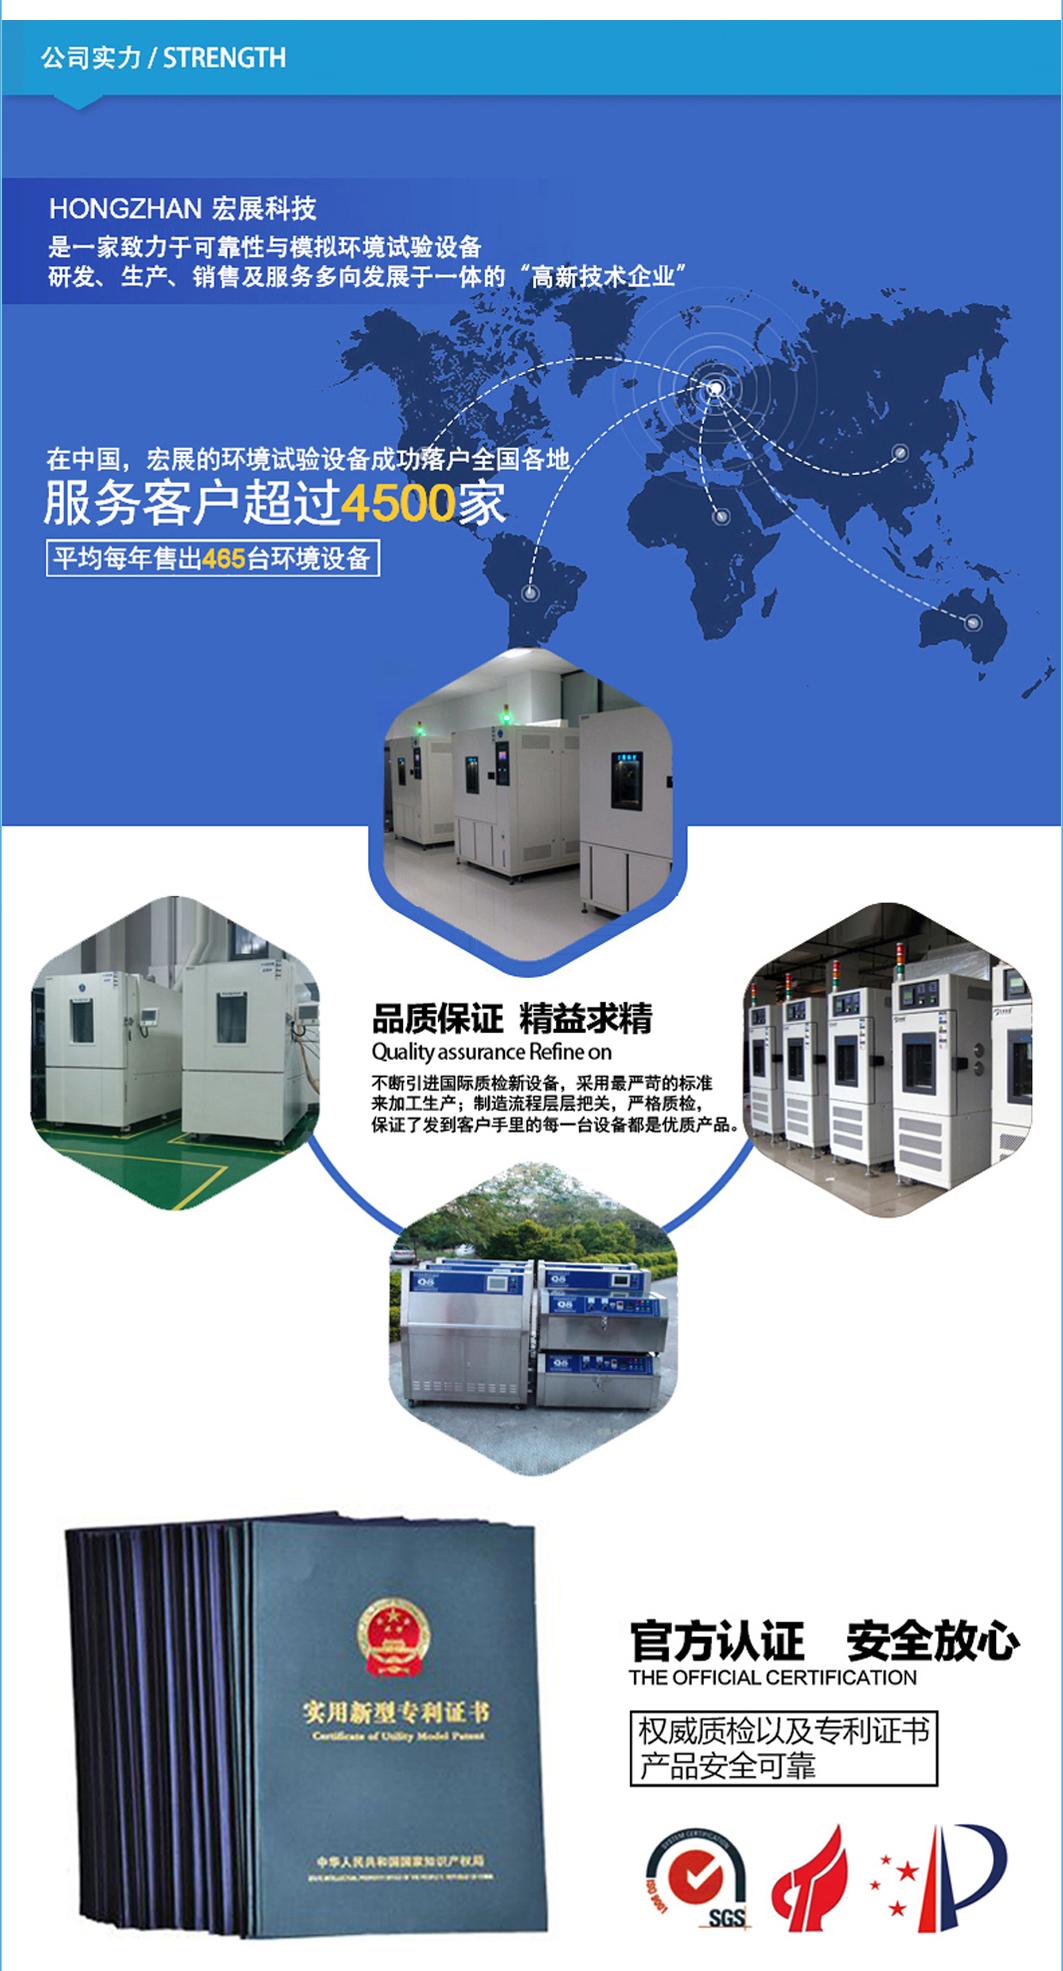 """HONGZHAN 宏展科技是一家致力于可靠性與模擬環境試驗設備研發、生產、銷售及服務多向化發展于一體的""""高新技術企業"""";在中國,宏展的環境試驗設備成功落戶國內各地,服務客戶超過4500家,平均每年售出465臺高溫高濕試驗箱,高溫高濕箱,恒溫恒濕機"""